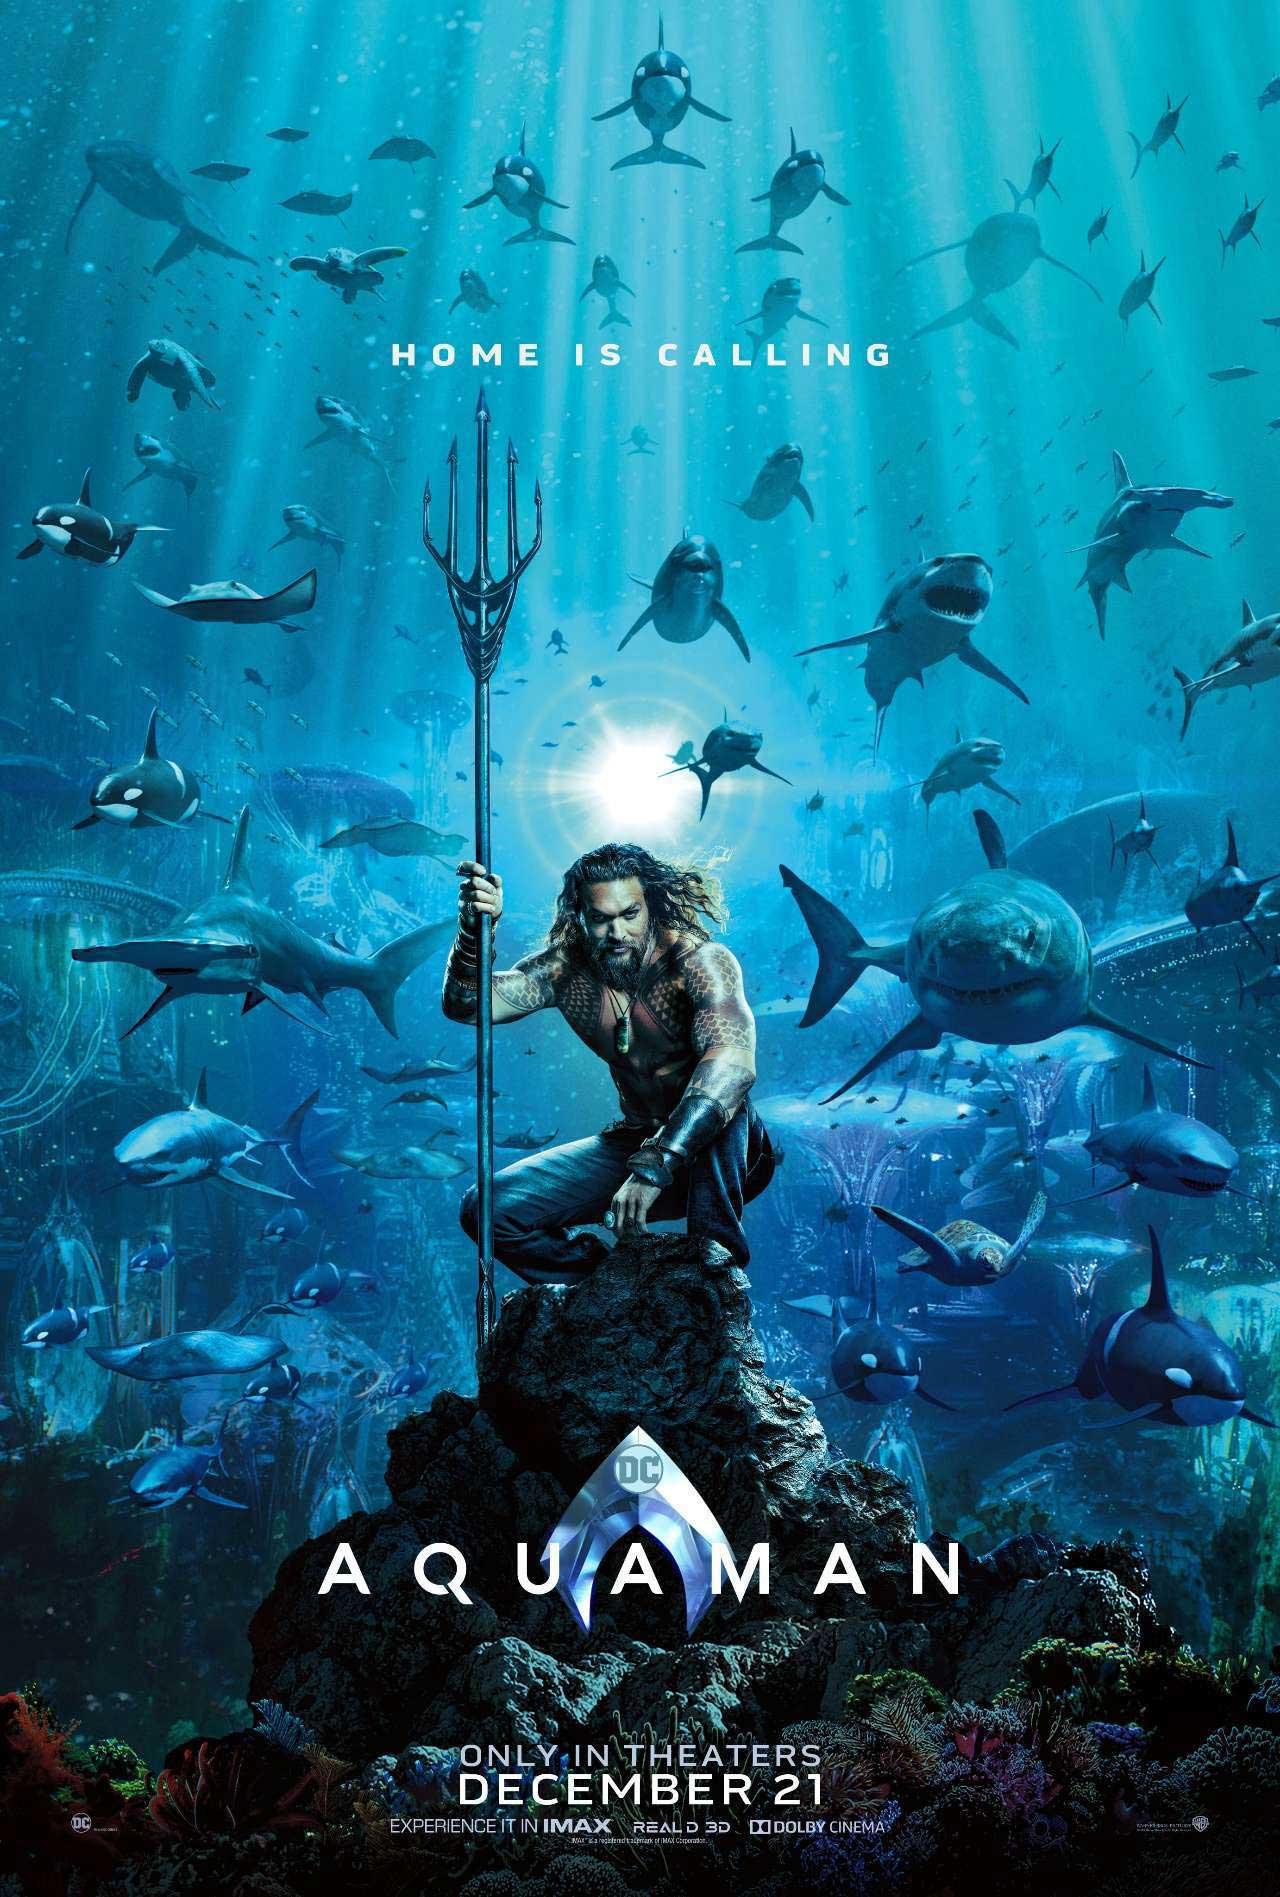 Aquaman poster (Warner Bros.)